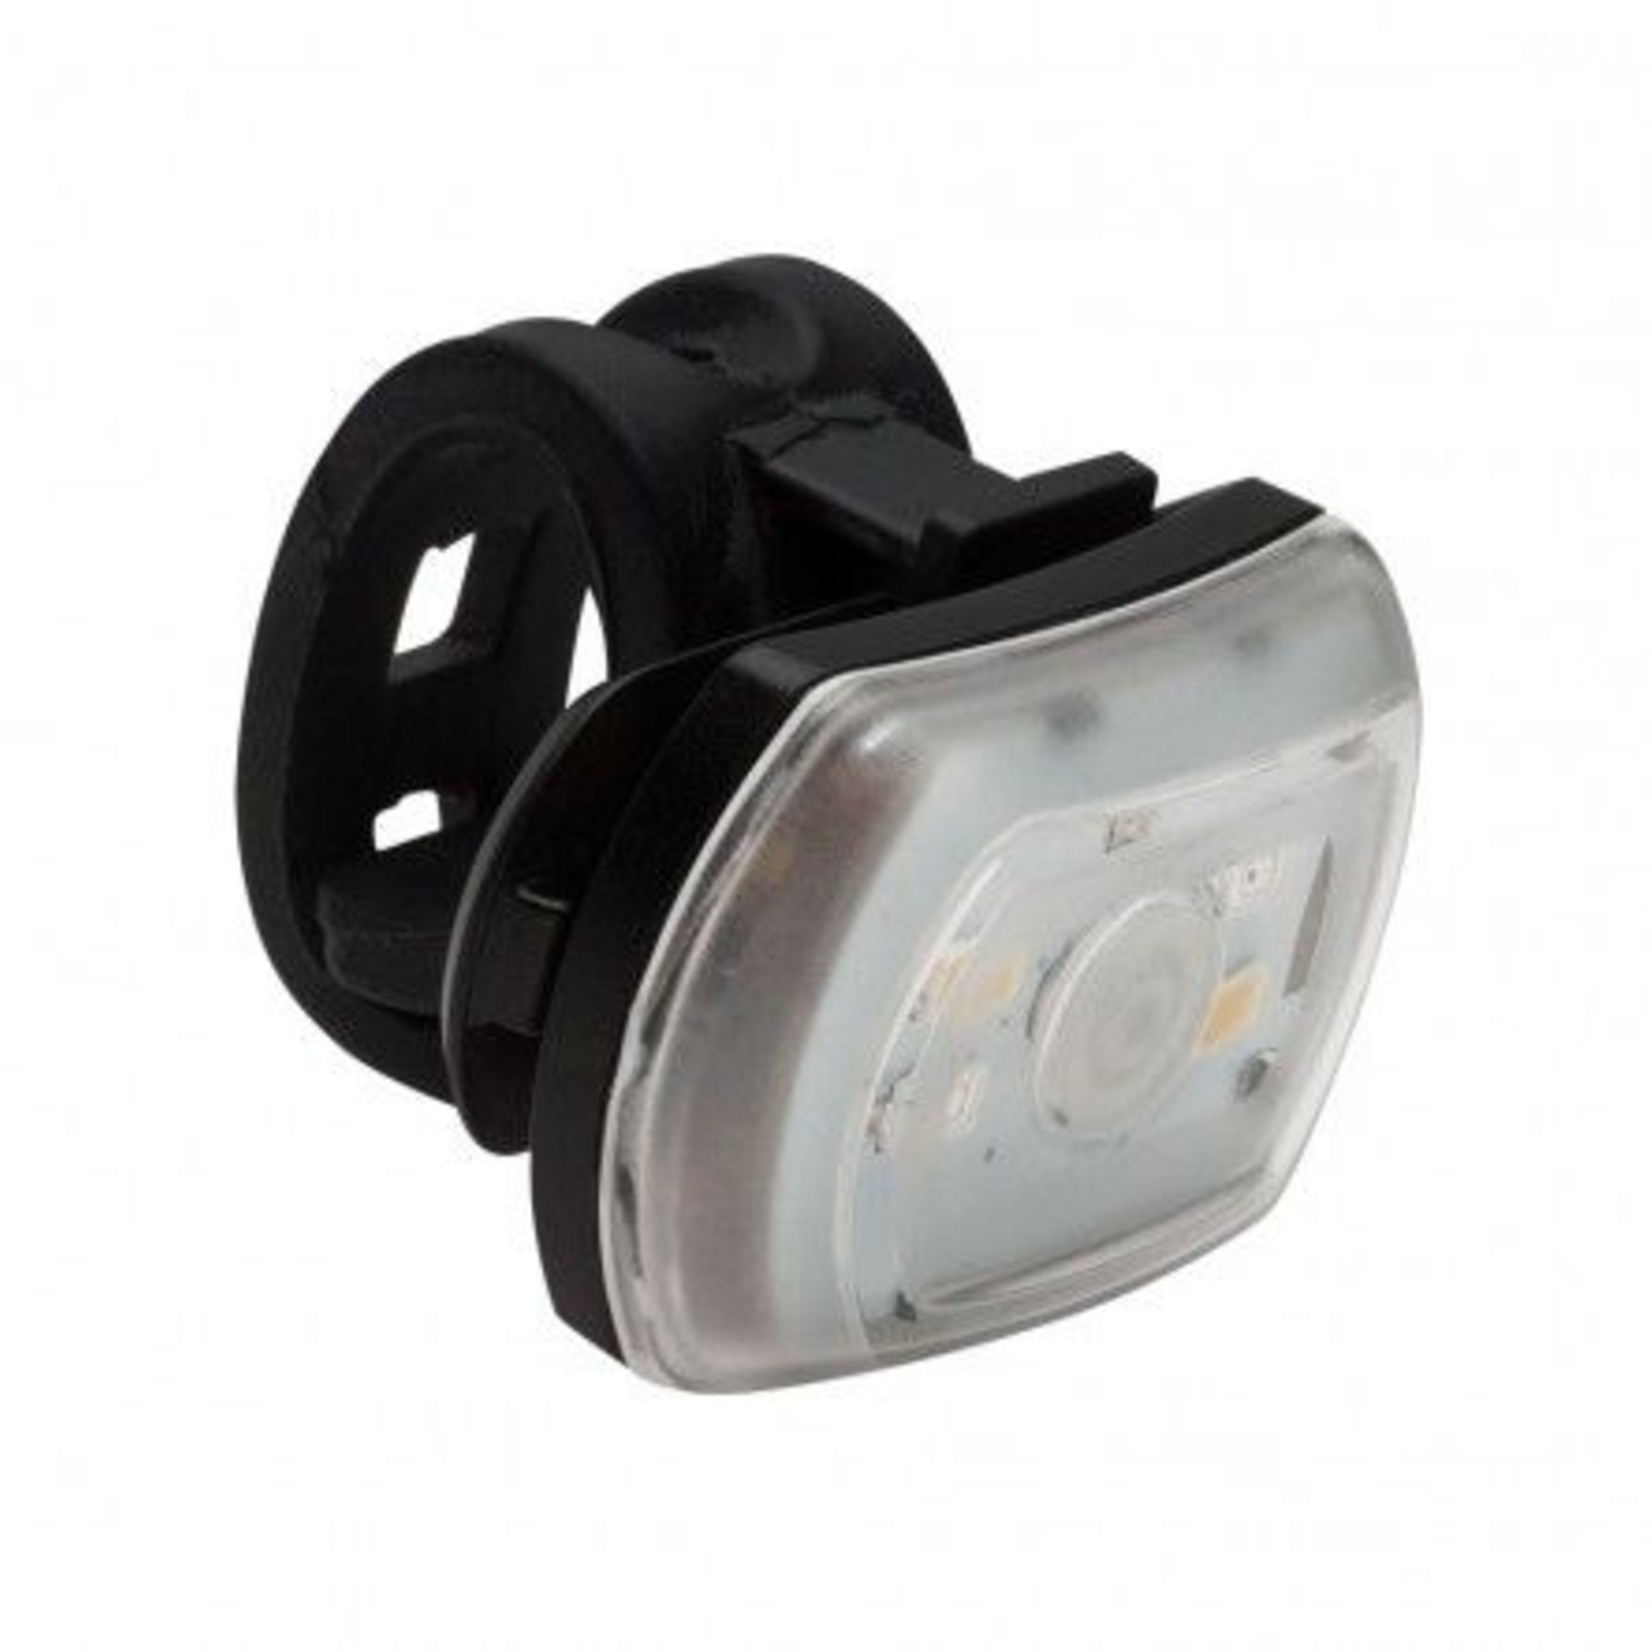 2'Fer USB Light 2-pack